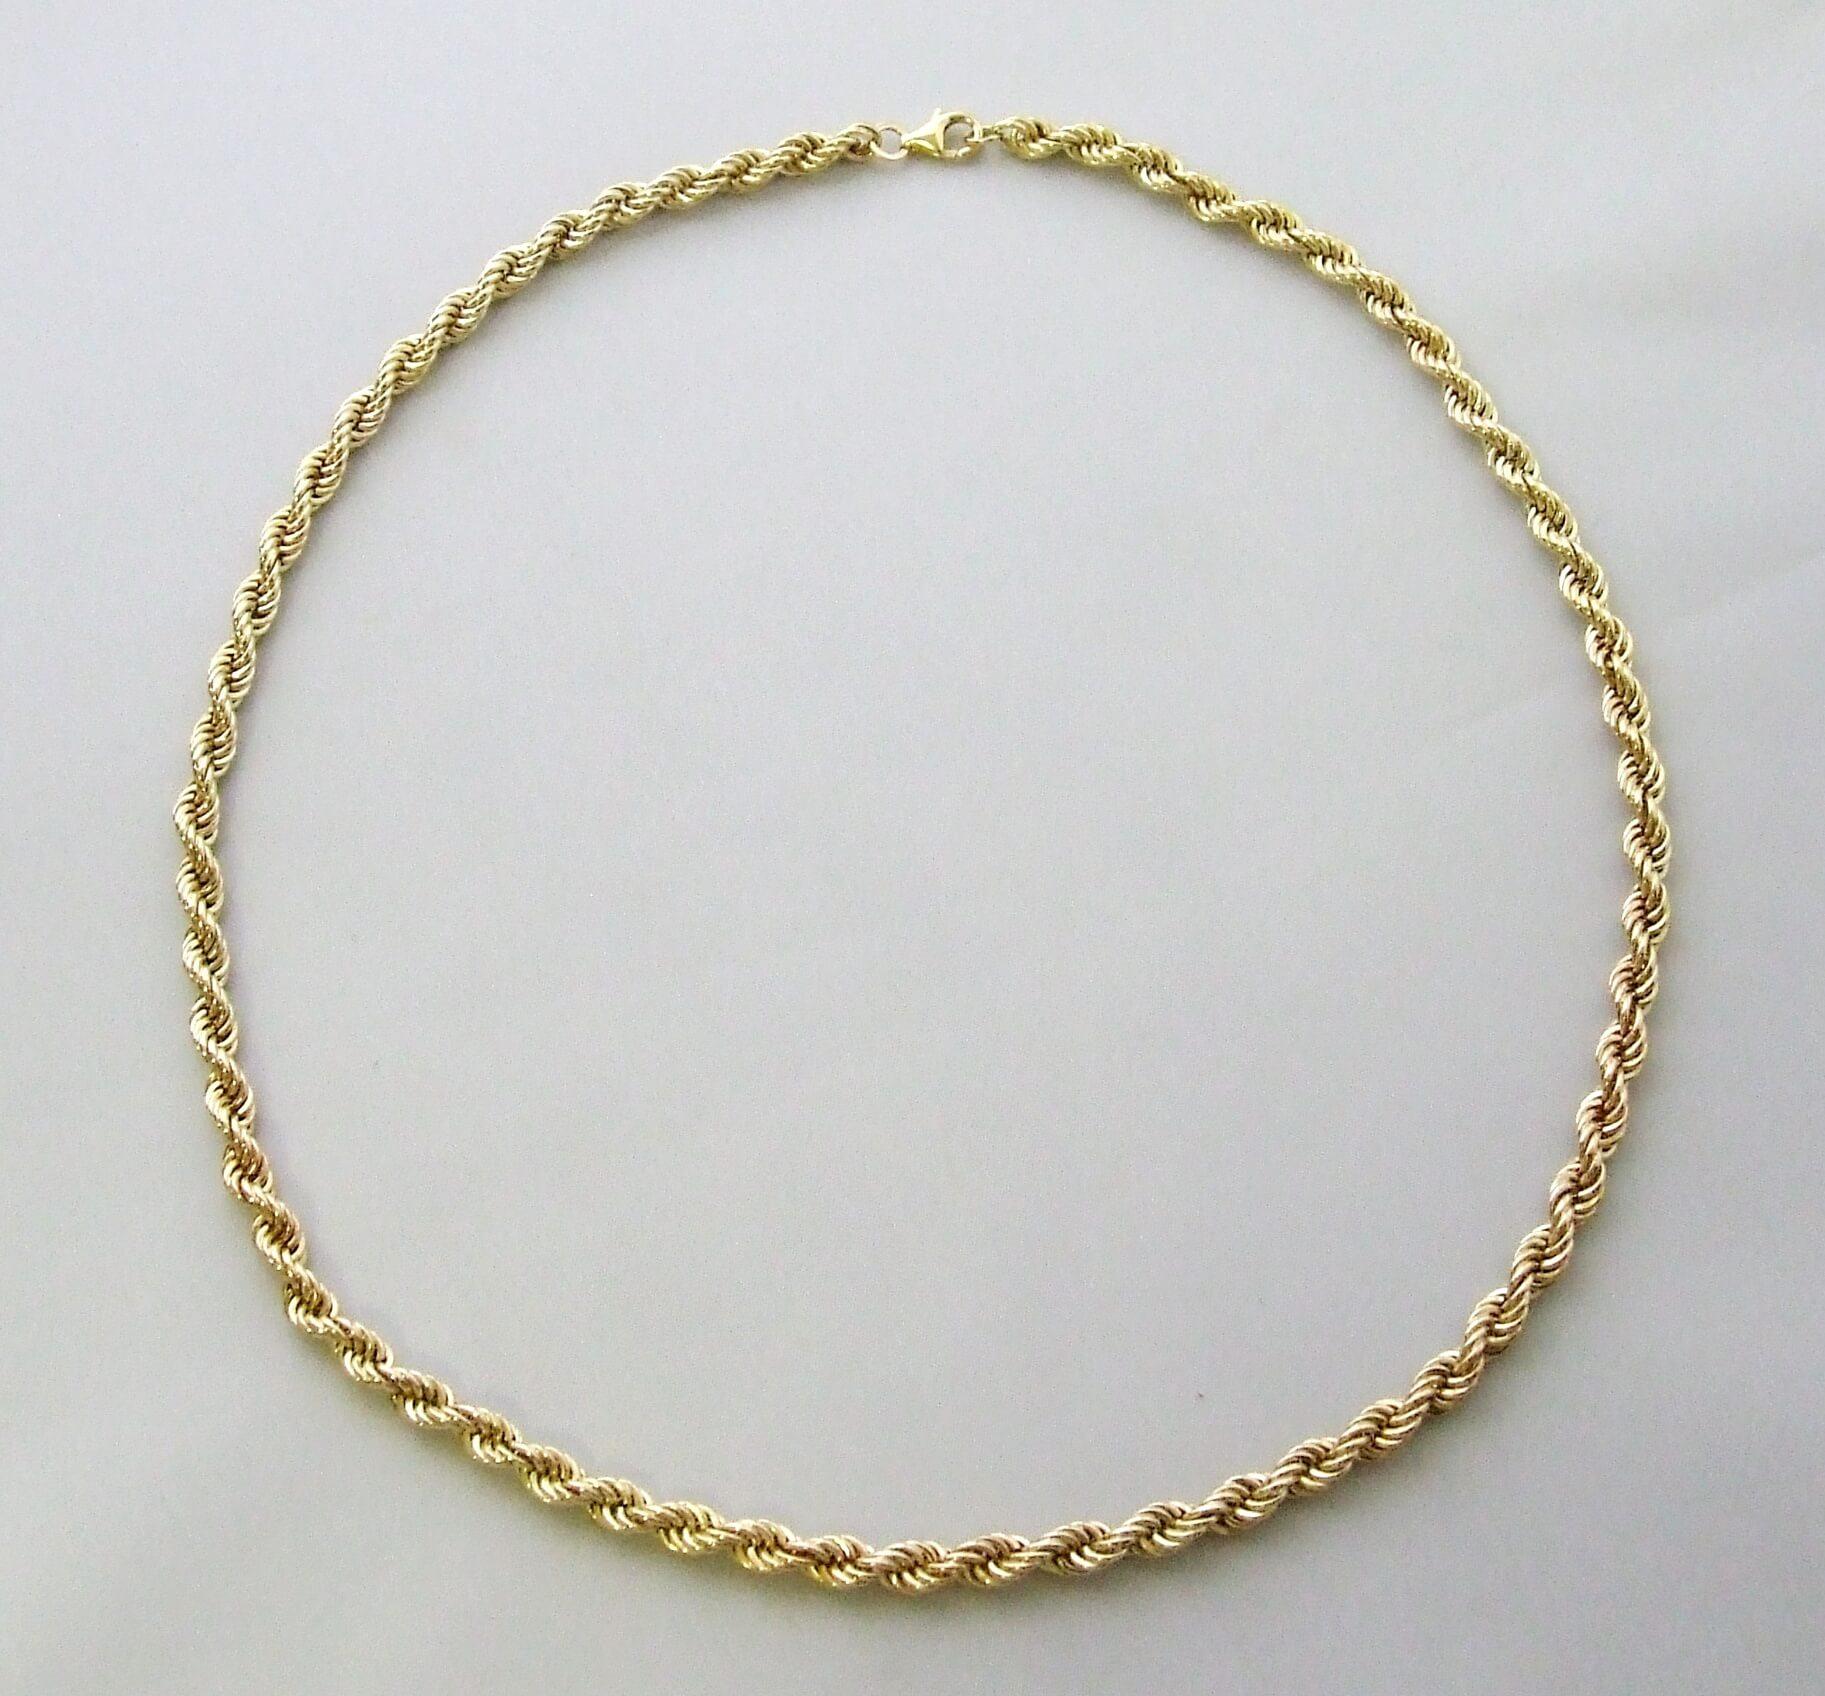 Christian 18 karaat gouden collier